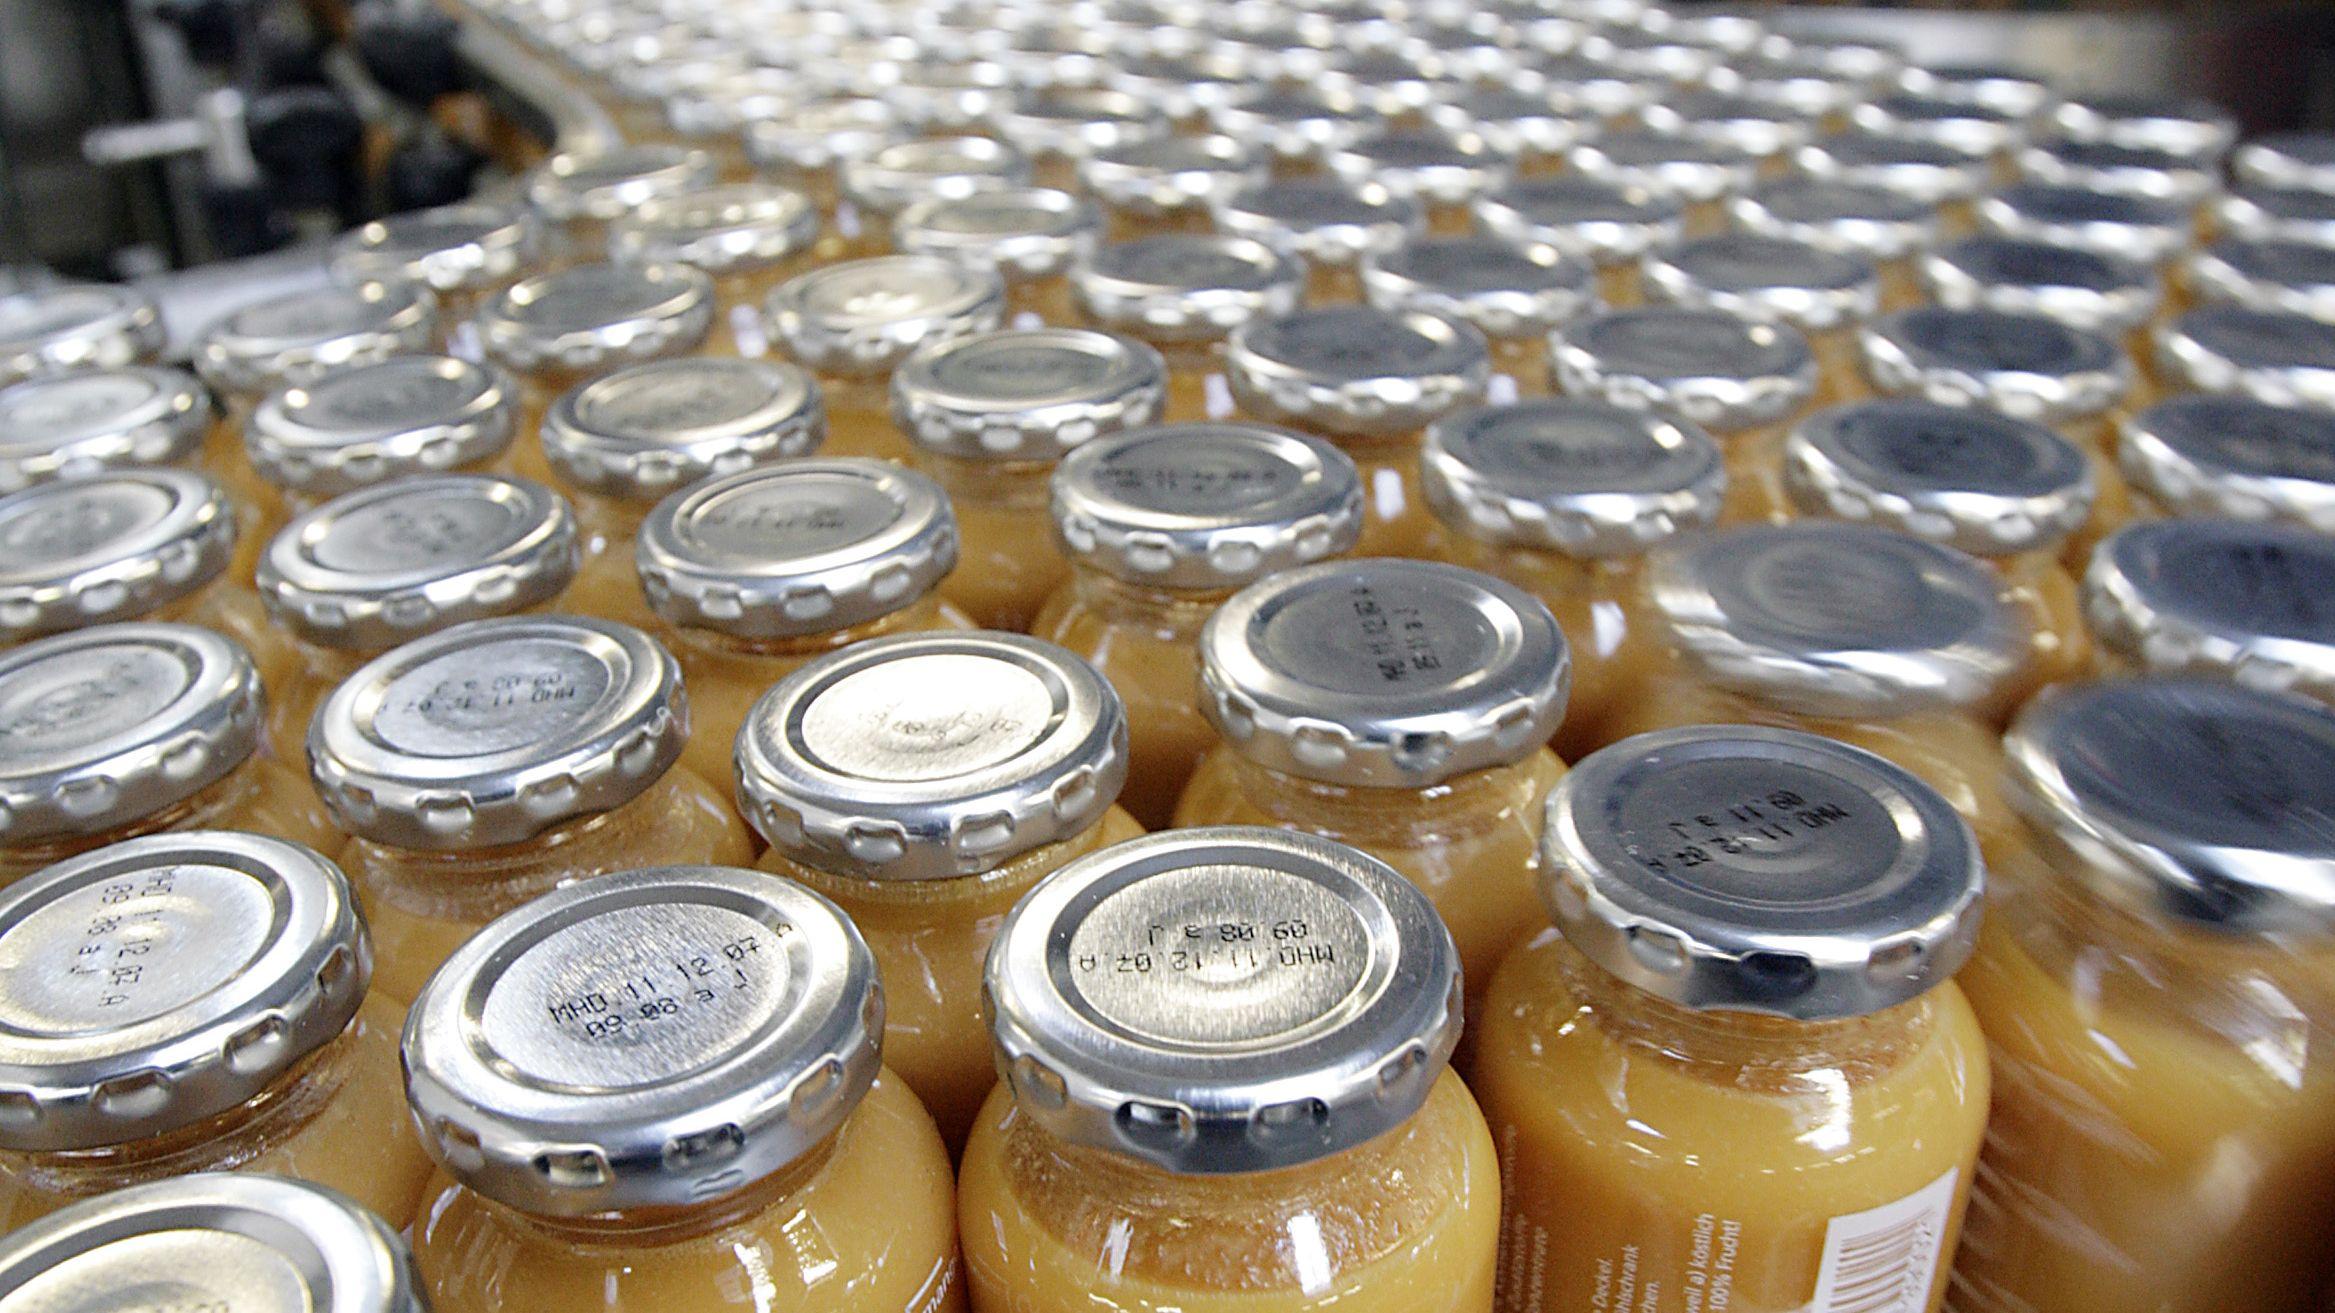 Abgefüllte Flaschen des Trendgetränks True Fruits stehen in der Produktion in Großaspach auf einem Laufband.